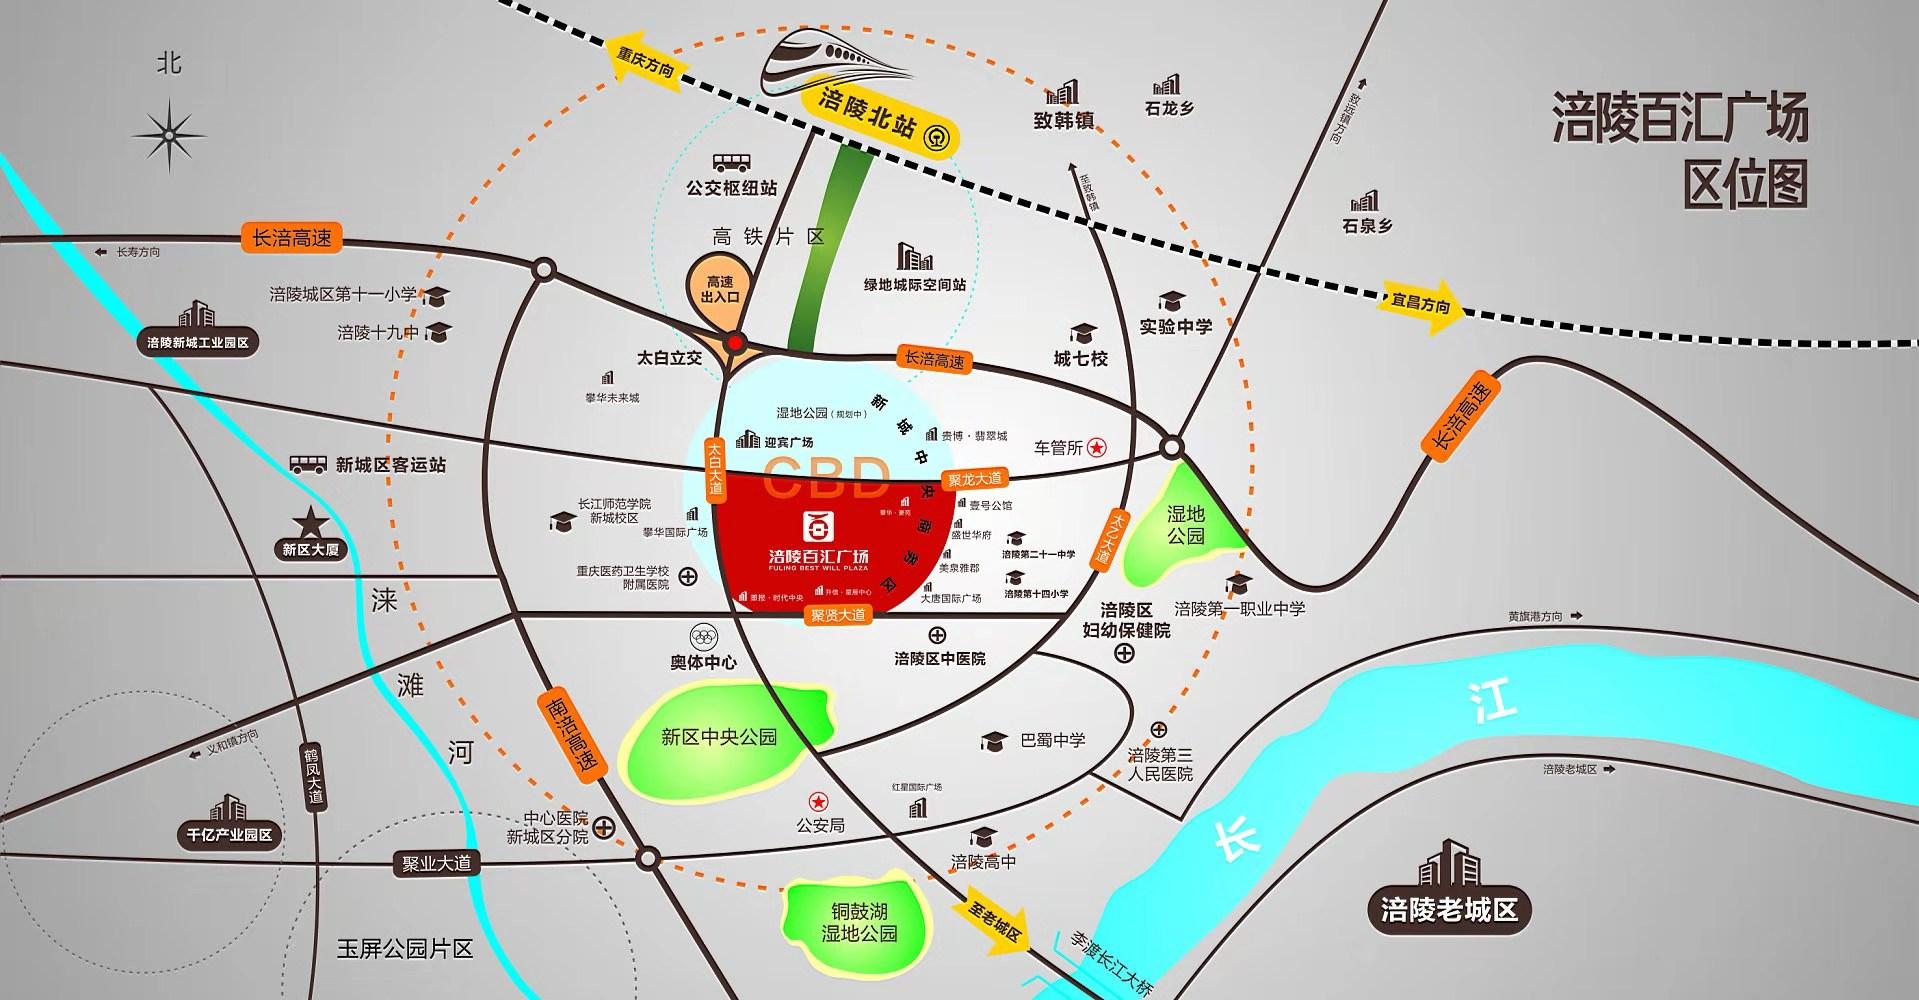 重庆百汇广场